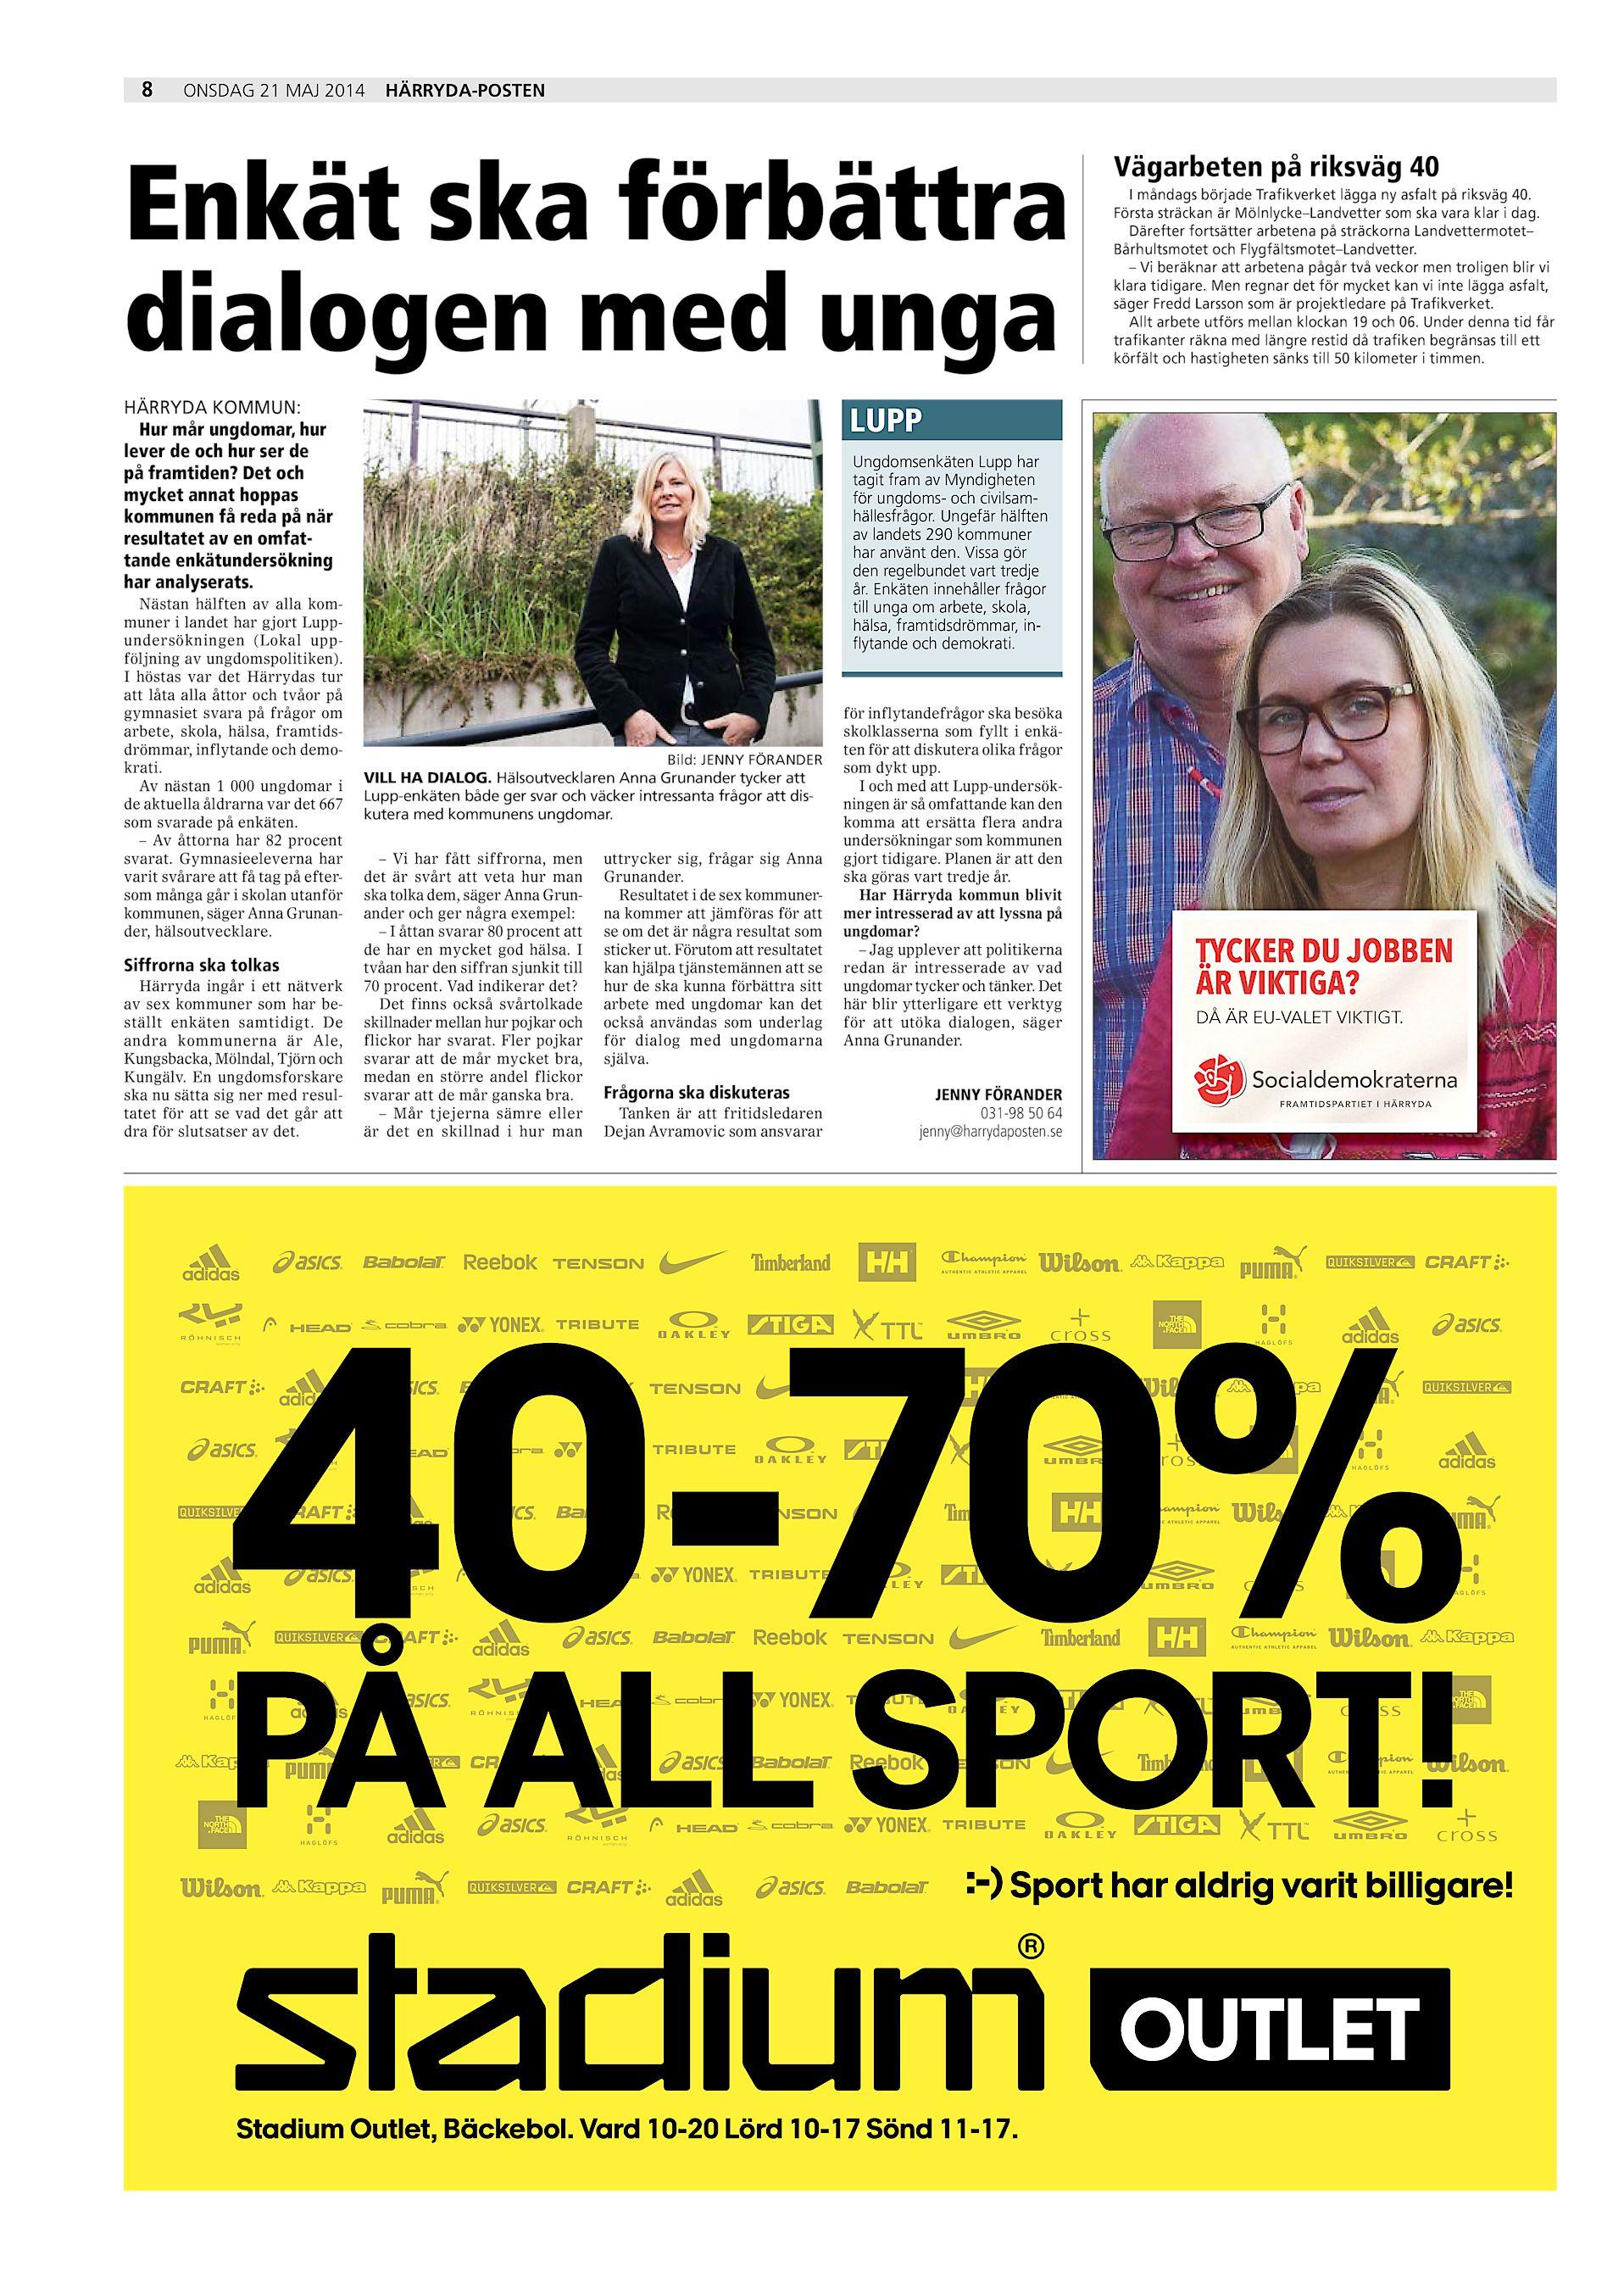 newest 4f453 120f8 8 onsdag 21 maj 2014 Härryda-Posten Enkät ska förbättra dialogen med unga  HÄRRYDA KOMMUN  Hur mår ungdomar, hur lever de och hur ser de på framtiden